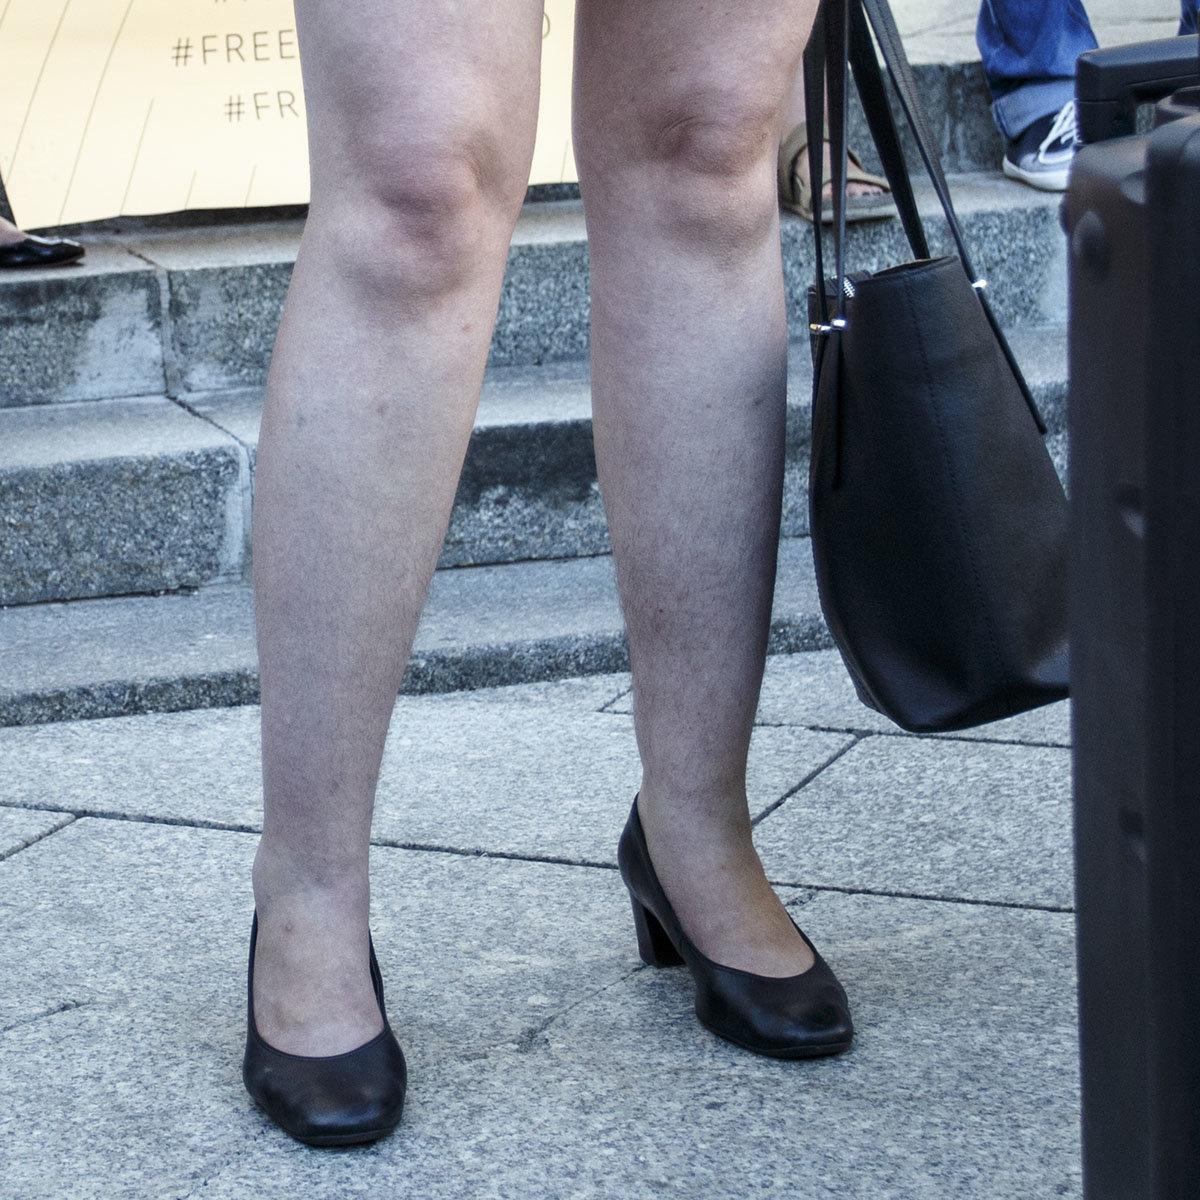 фото женских волосатых ног станет